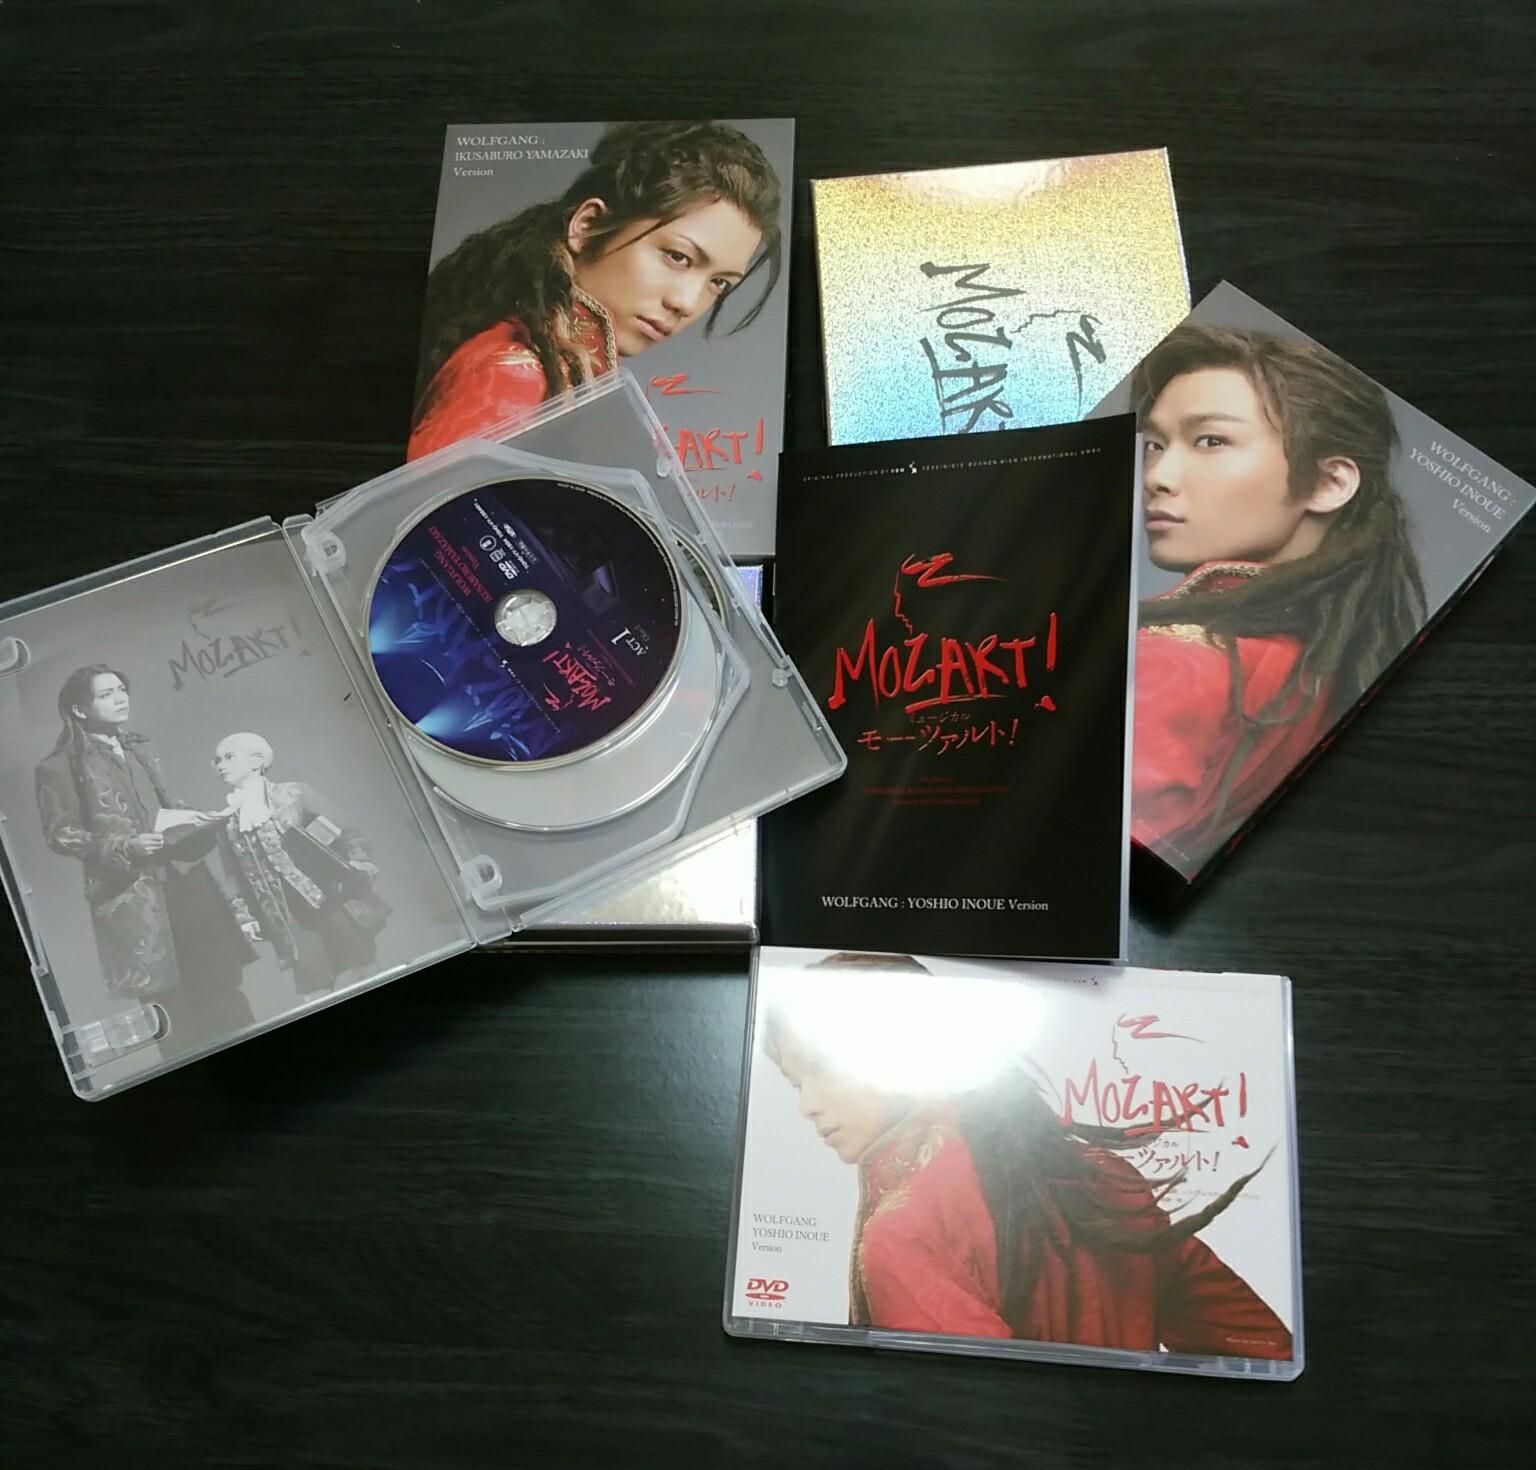 「MOZART!」DVDきたー(・∀・)